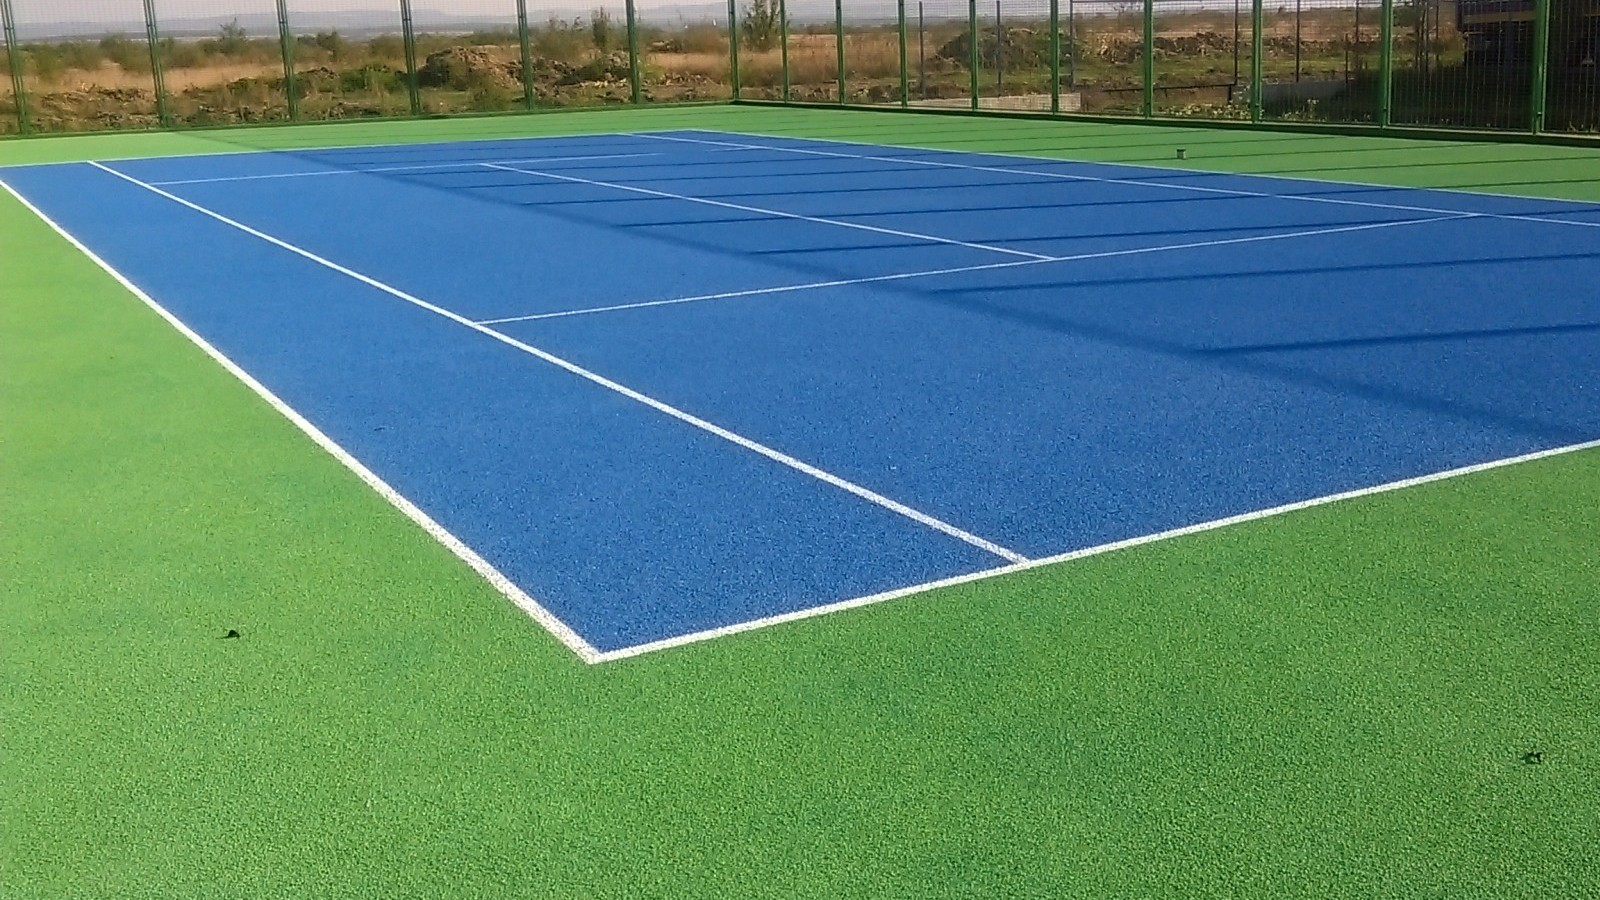 Solutii complete tenis